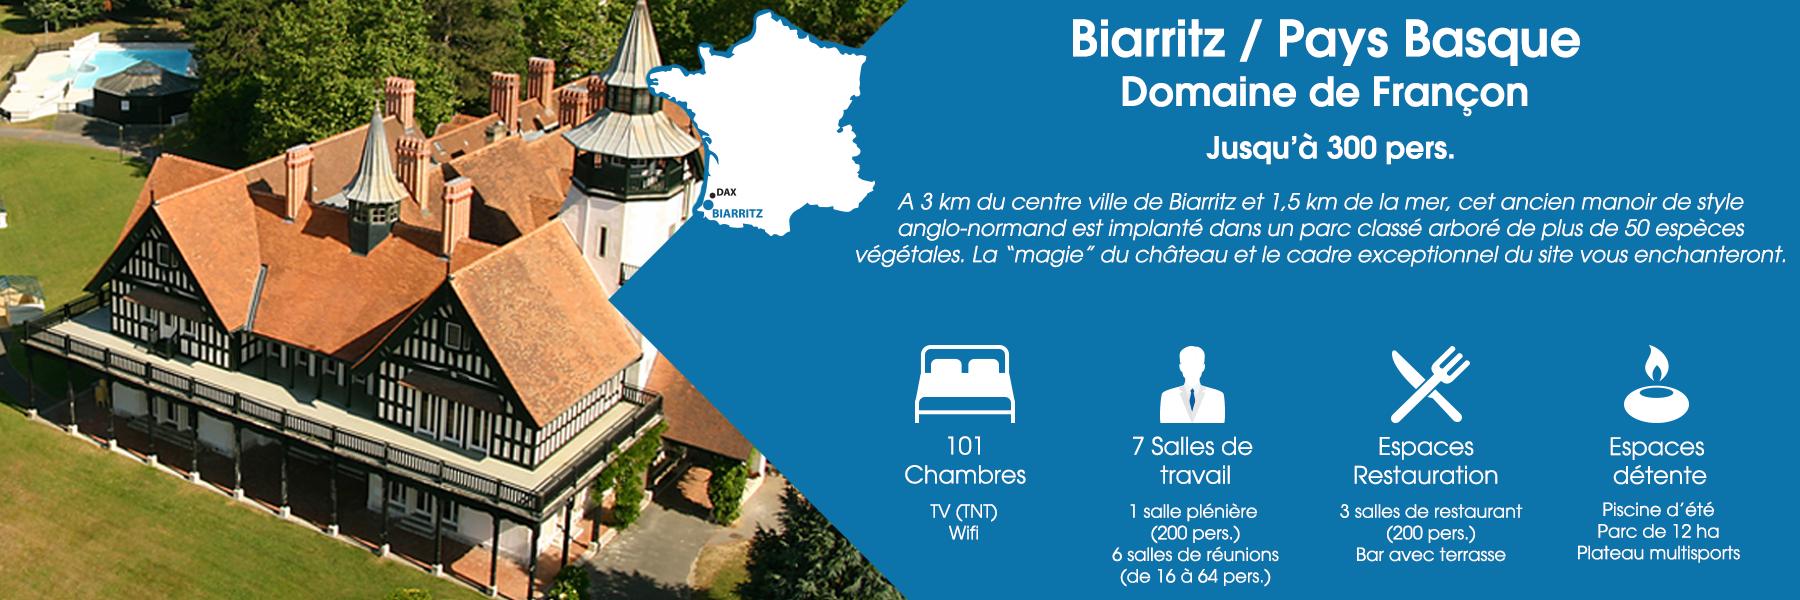 """Le Domaine de Françon à Biarritz, au Pays Basque, peut accueillir jusqu'à 300 personnes. A 3 km du centre ville de Biarritz et 1,5 km de la mer, cet ancien manoir de style anglo-normand est implanté dans un parc classé arboré de plus de 50 espèces végétales. La """"magie"""" du château et le cadre exceptionnel du site vous enchanteront. Ce domaine est composé de 101 chambres (avec TV TNT et Wifi), de 7 salles de travail (dont une salle plénière pour 200 personnes et 6 salles de réunions pour 16 à 64 personnes), d'espaces de restauration (3 salles de restaurant pour 200 personnes et un bar avec terrasse) et d'espaces de détente (une piscine d'été, un parc de 12 ha et un plateau multisports)."""